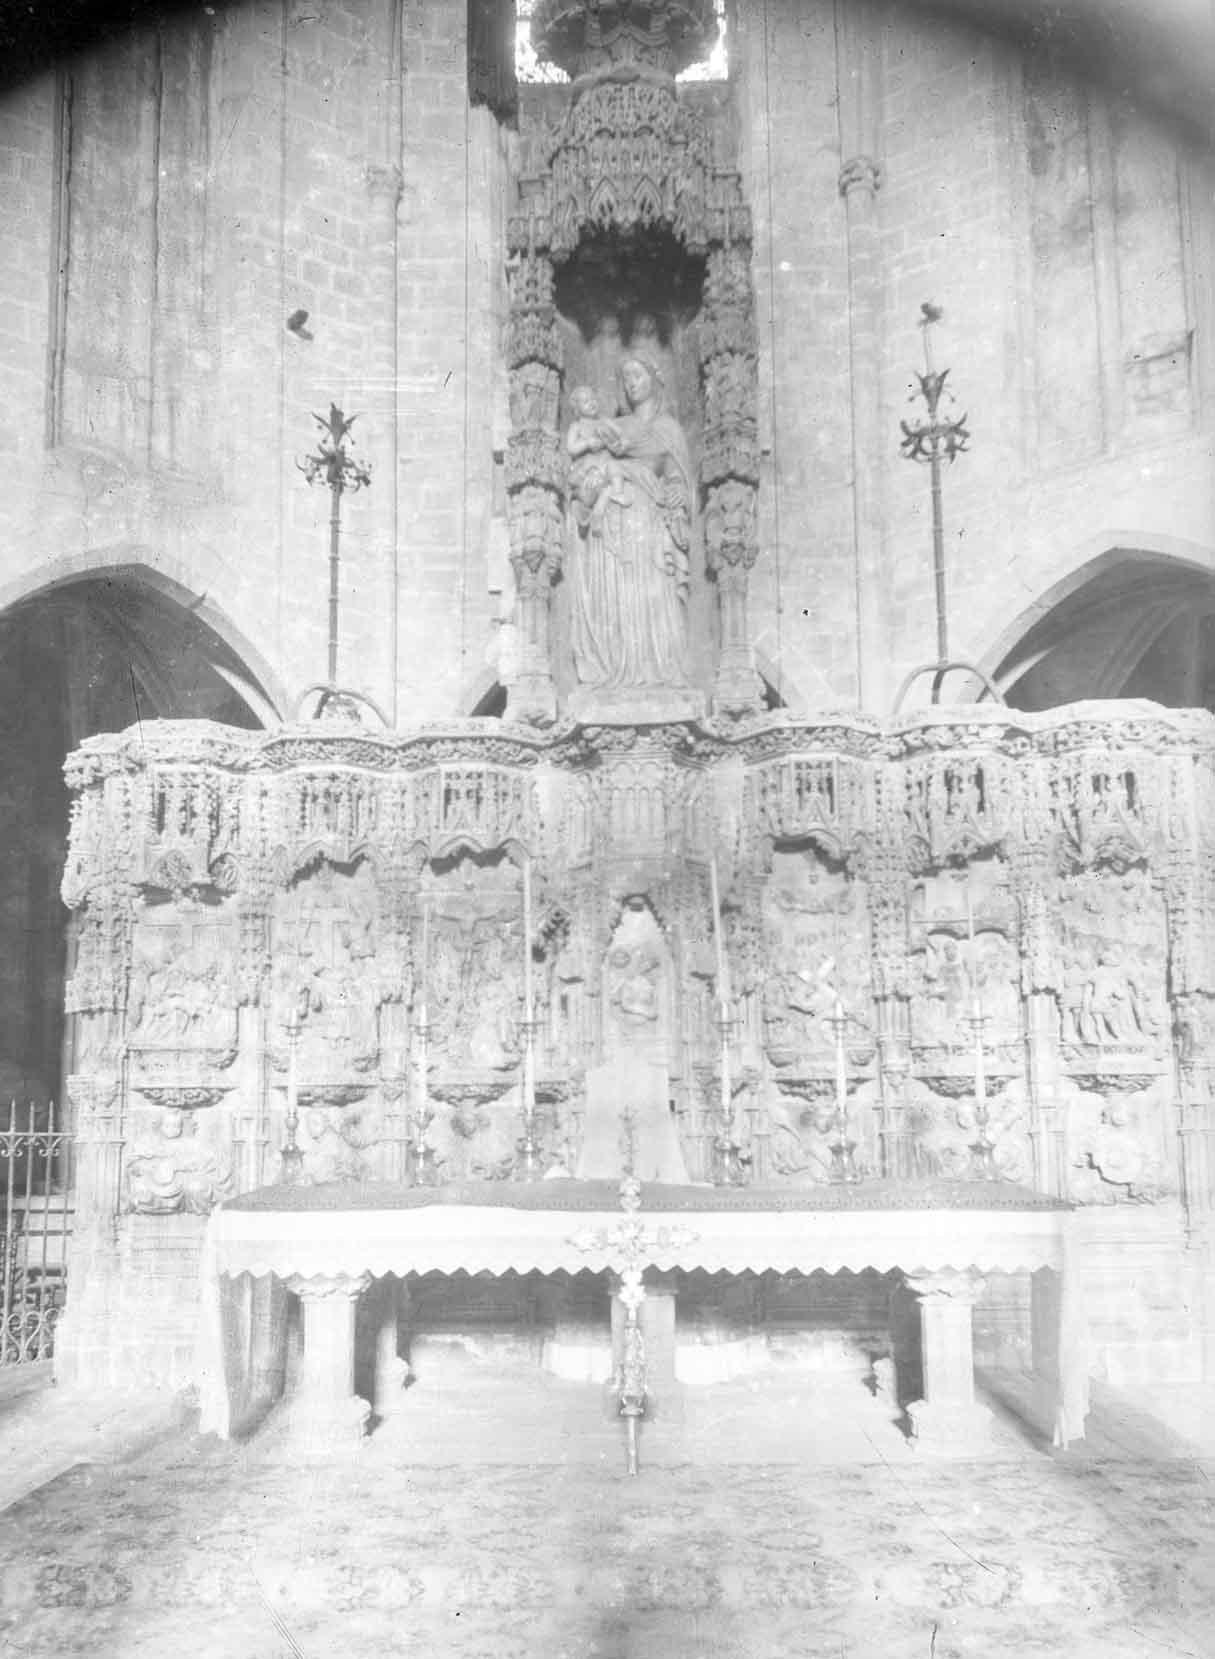 Vista frontal del retaule gòtic de l'altar major de la basílica de Santa Maria, a Castelló d'Empúries, entre els anys 1942 i 1944 (ACGAX. Fons Sadurní Brunet Pi. Autor: Sadurní Brunet)